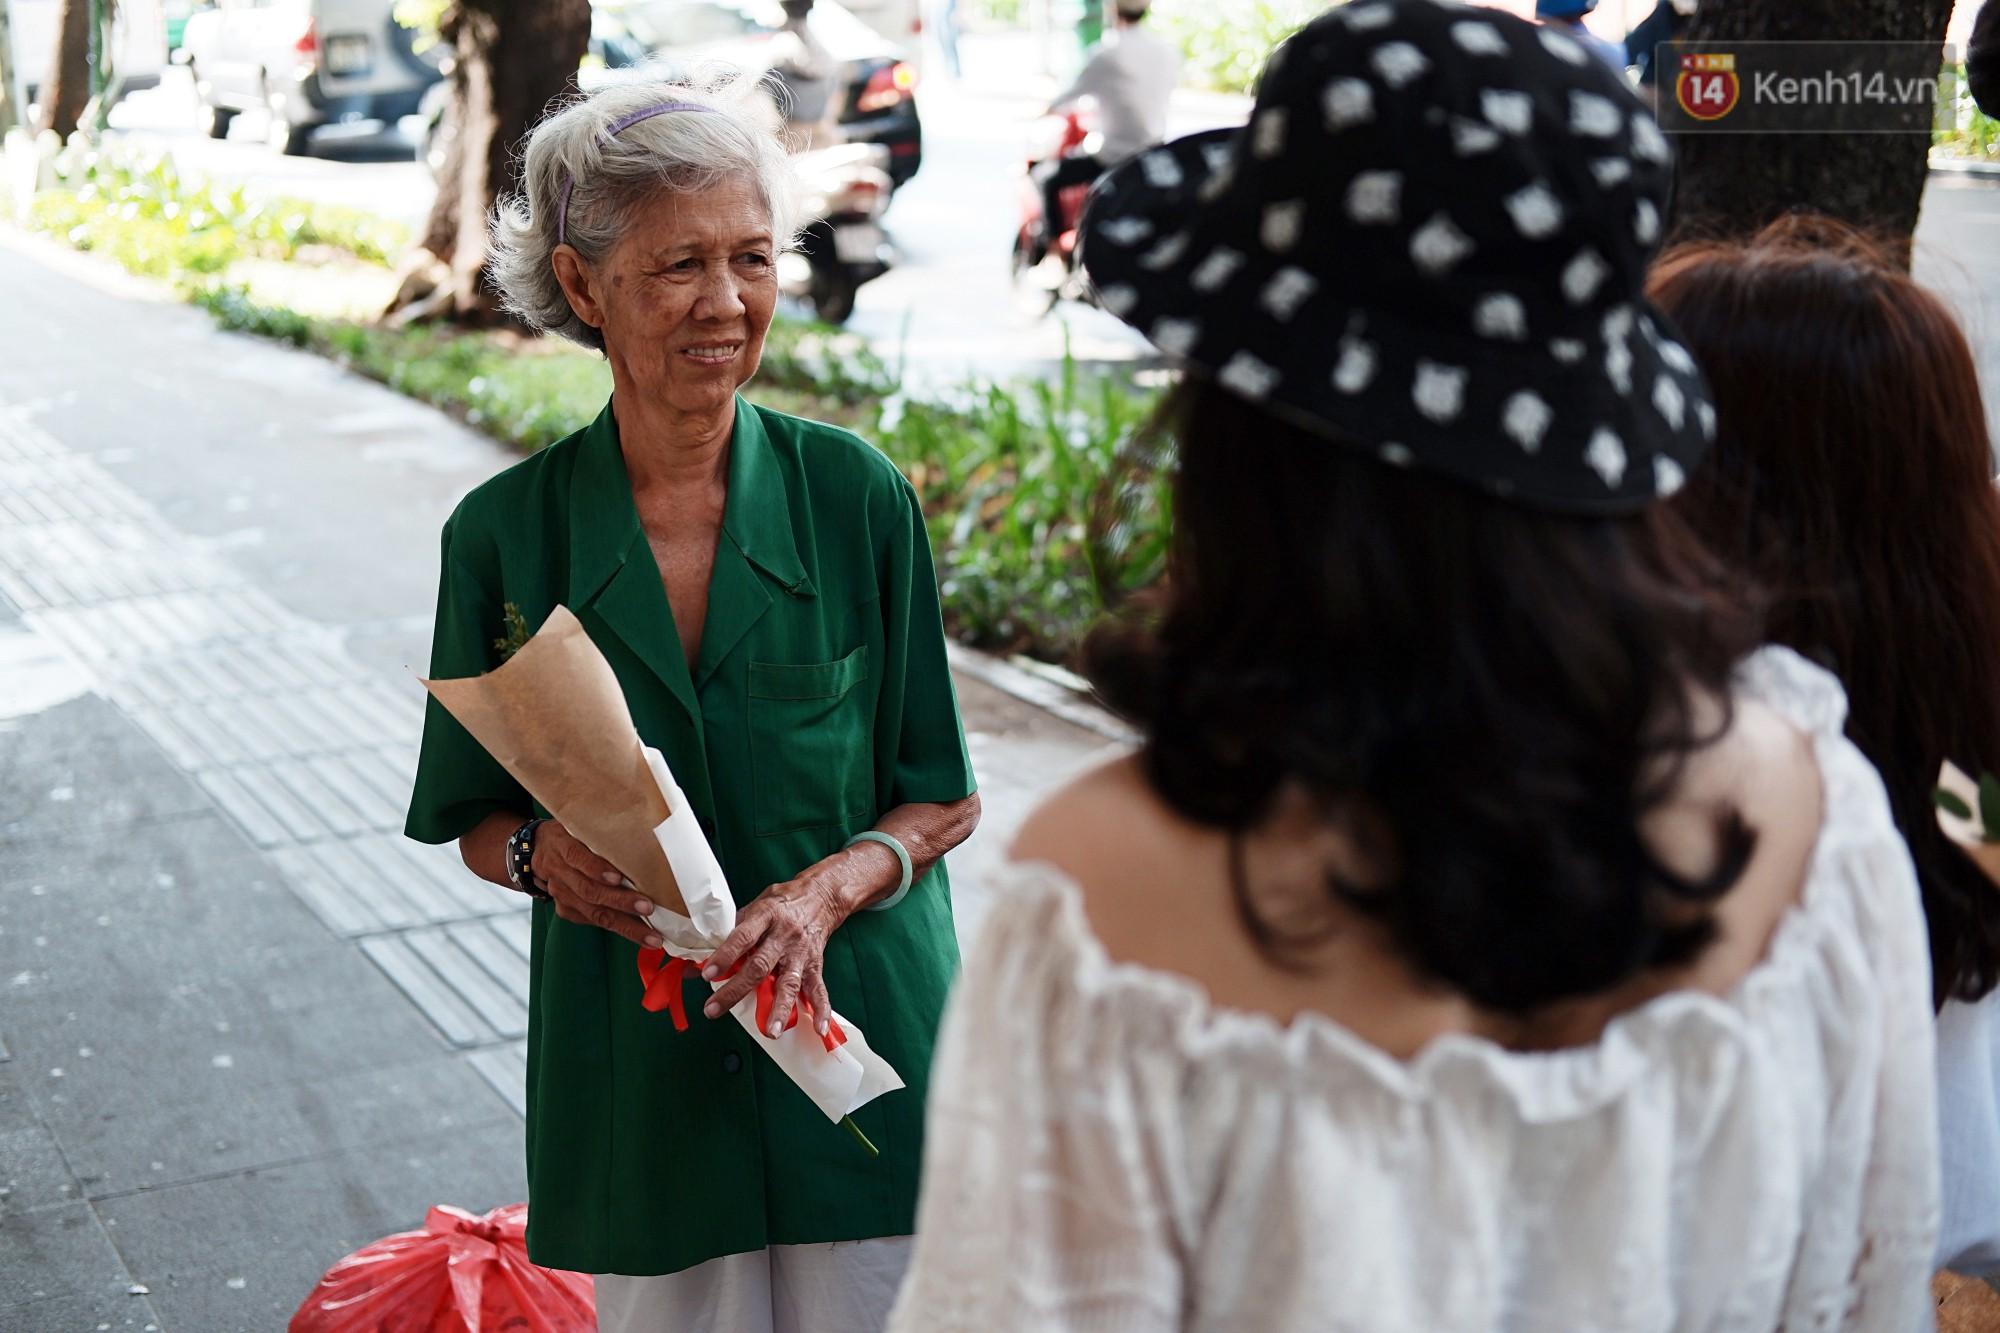 Nụ cười và giọt nước mắt của những người phụ nữ lam lũ trên đường phố Sài Gòn khi được tặng hoa 8/3 - Ảnh 5.